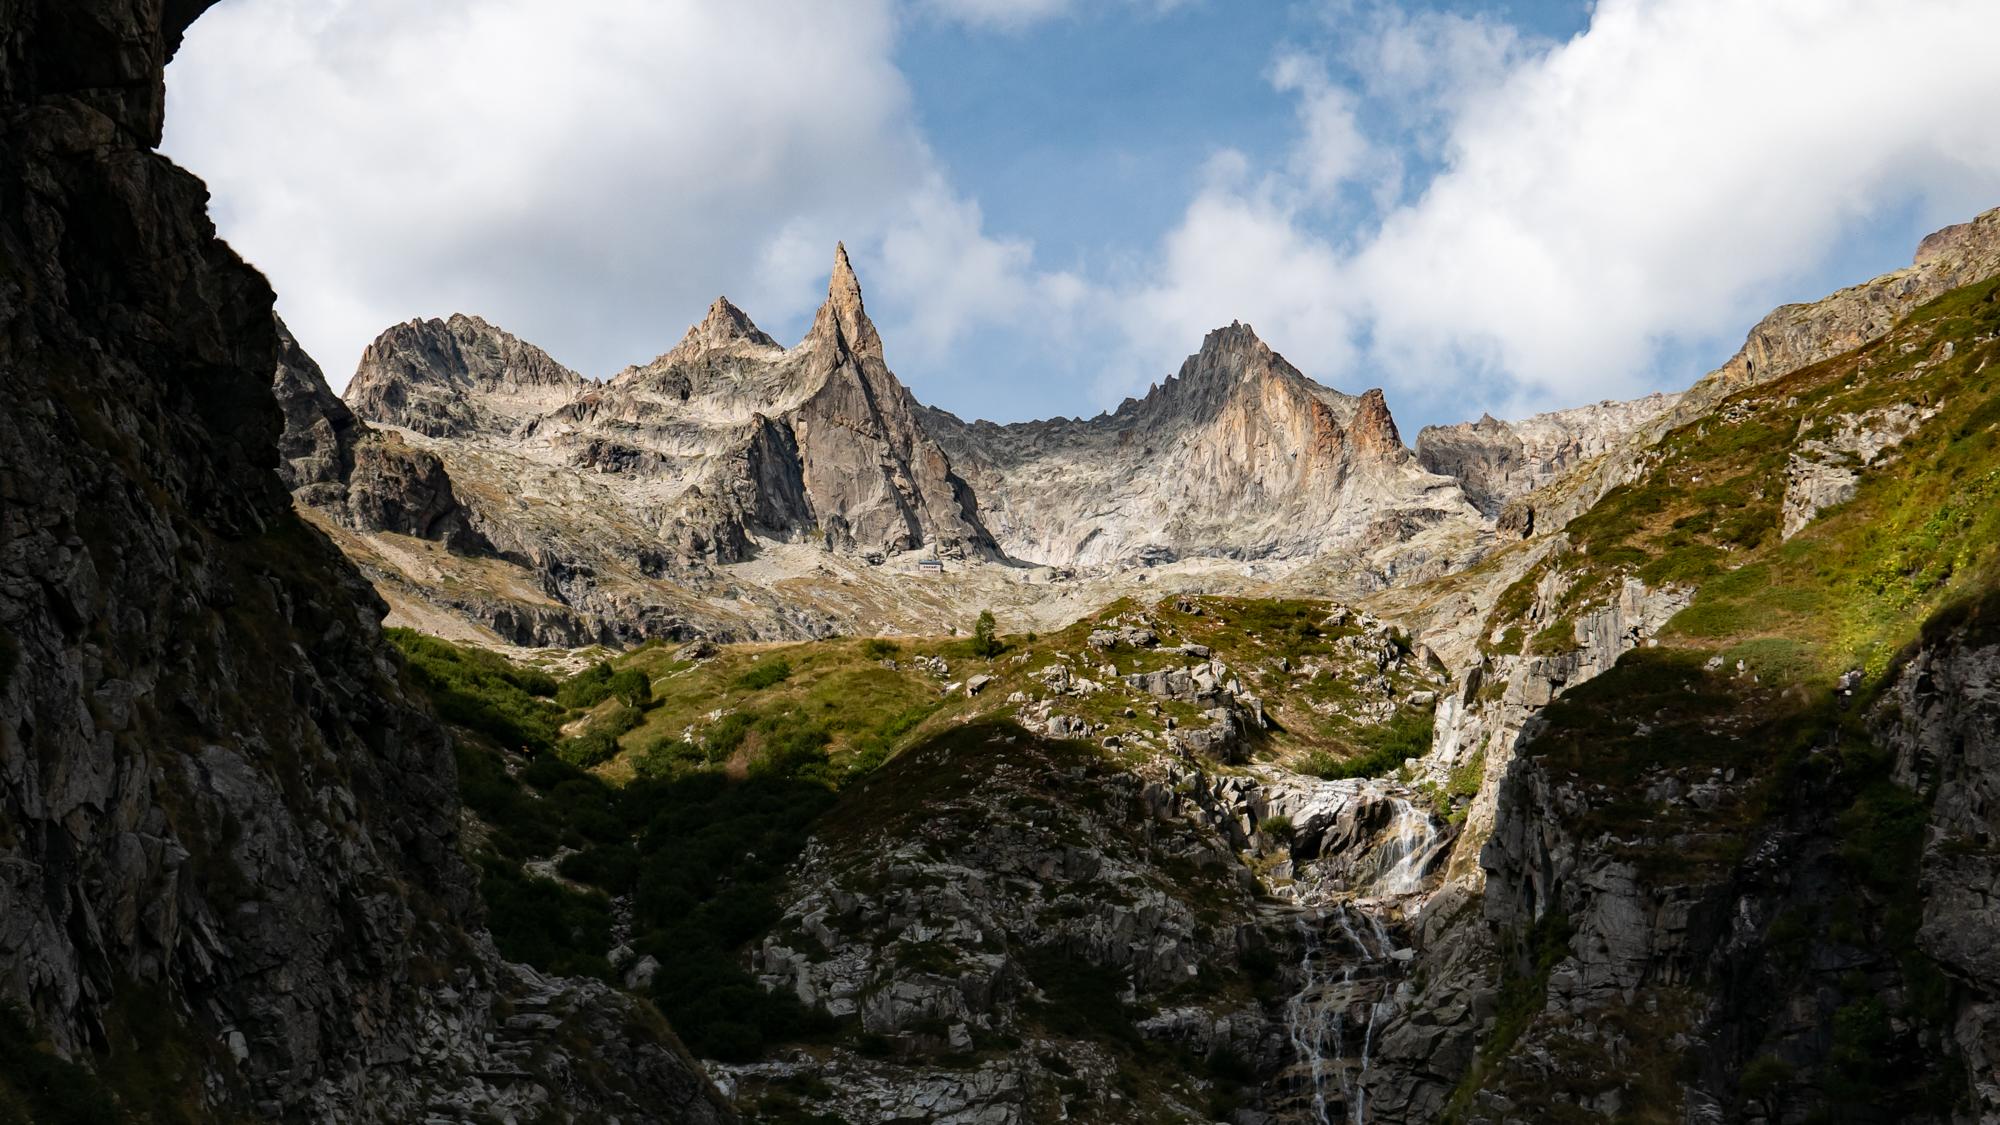 Camp de base au Soreiller<br><span id='secondary-title' style='font-size:28px;line-height:34px;color:#fff!important;font-weight:300;display:block;padding-top:34px;'>Pour une entrée en douceur vers l'alpinisme rocheux</span>